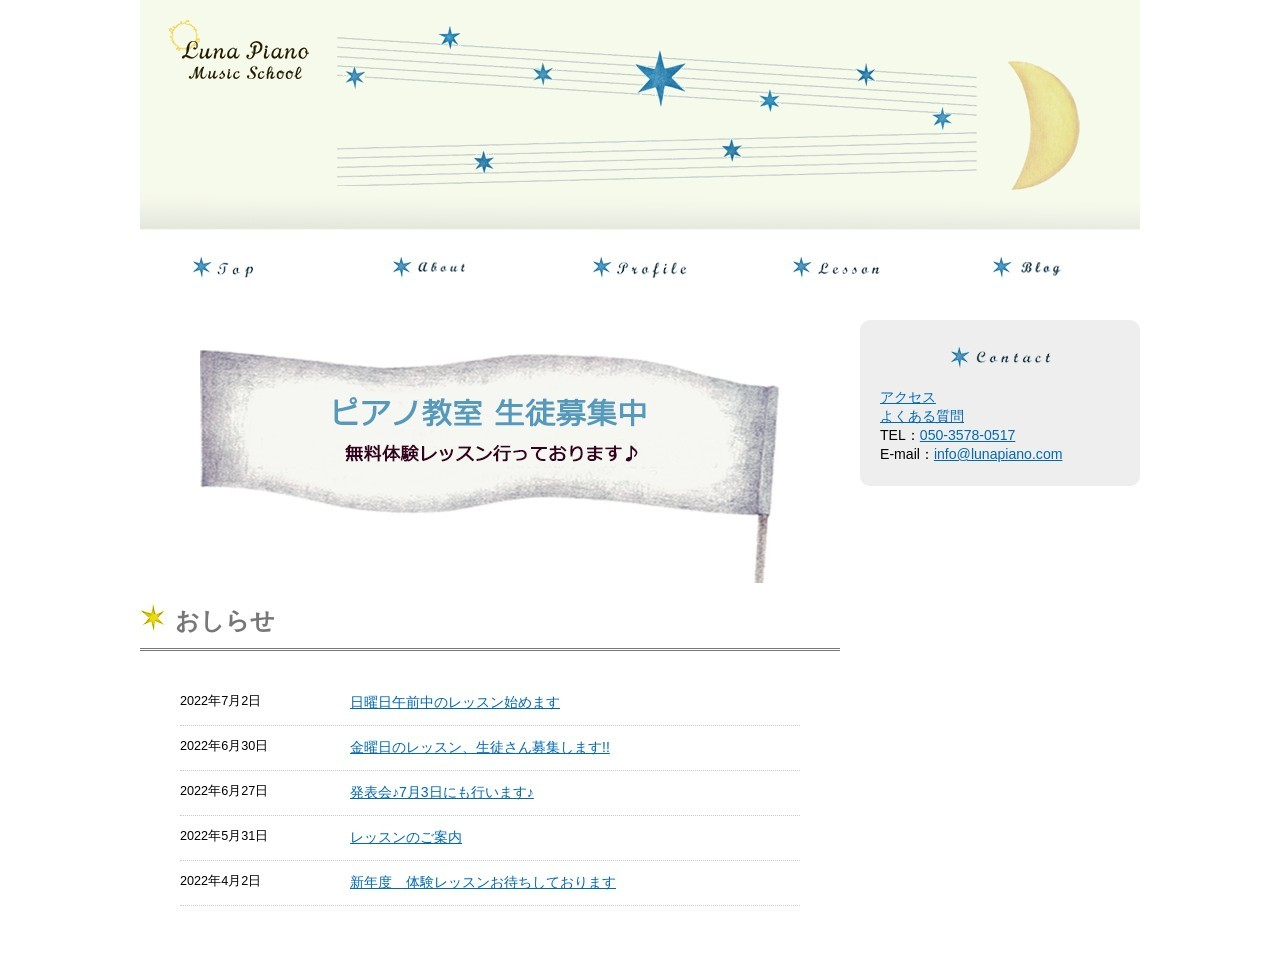 Luna Piano Music Schoolのサムネイル